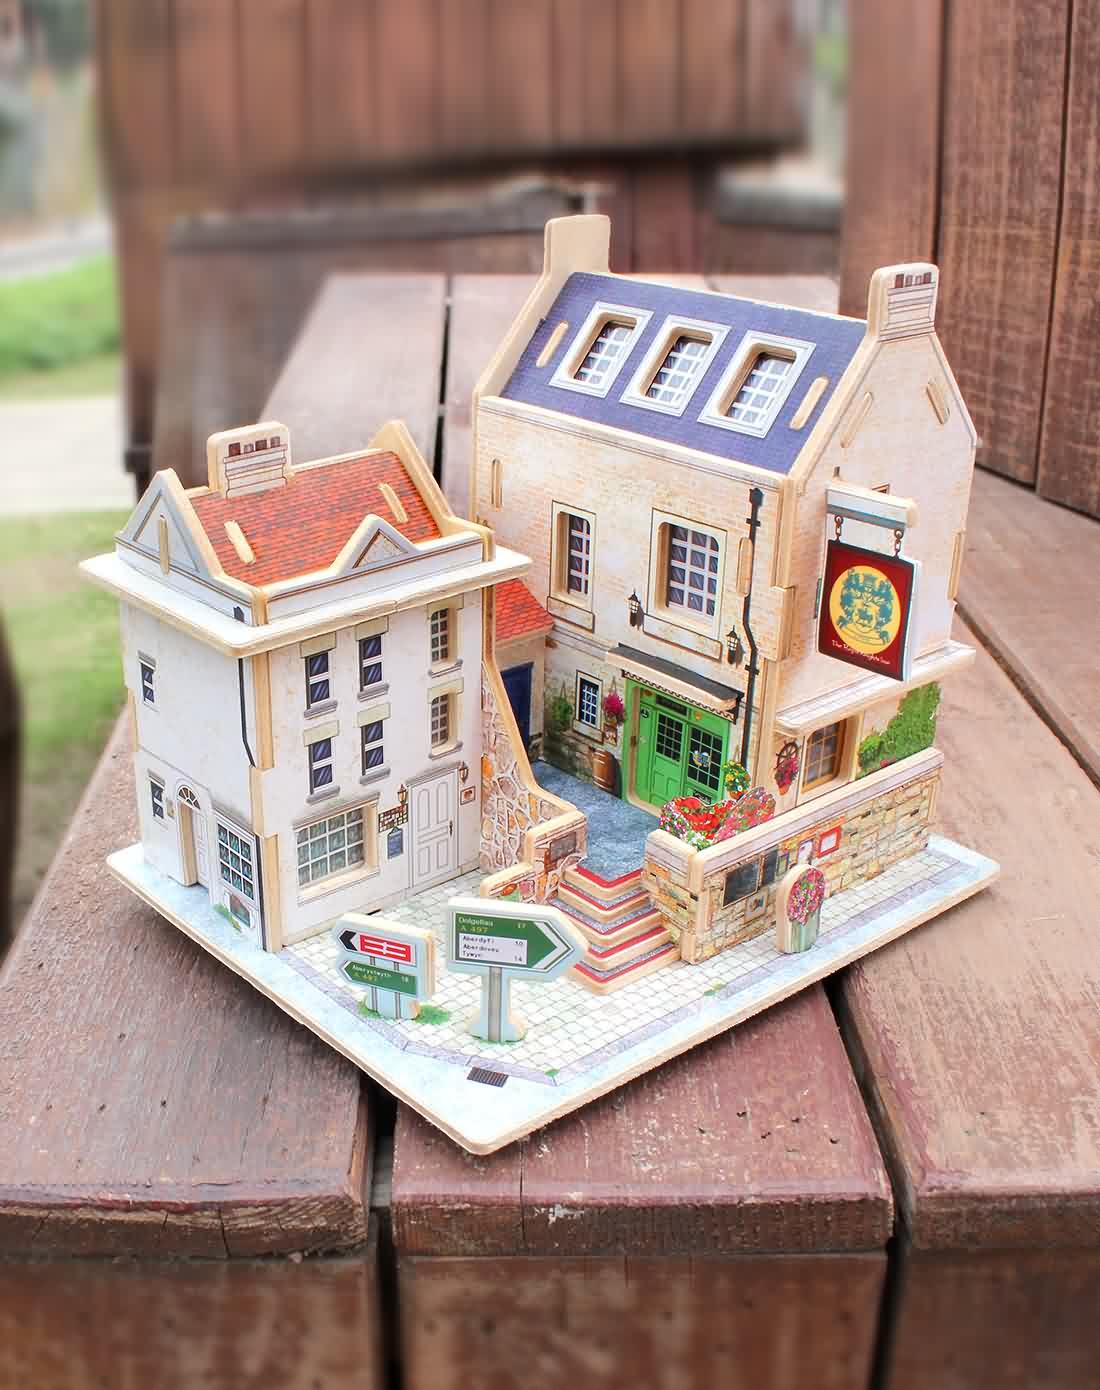 趣玩创意(英国酒吧)3d立体拼图木质模型小屋f47296